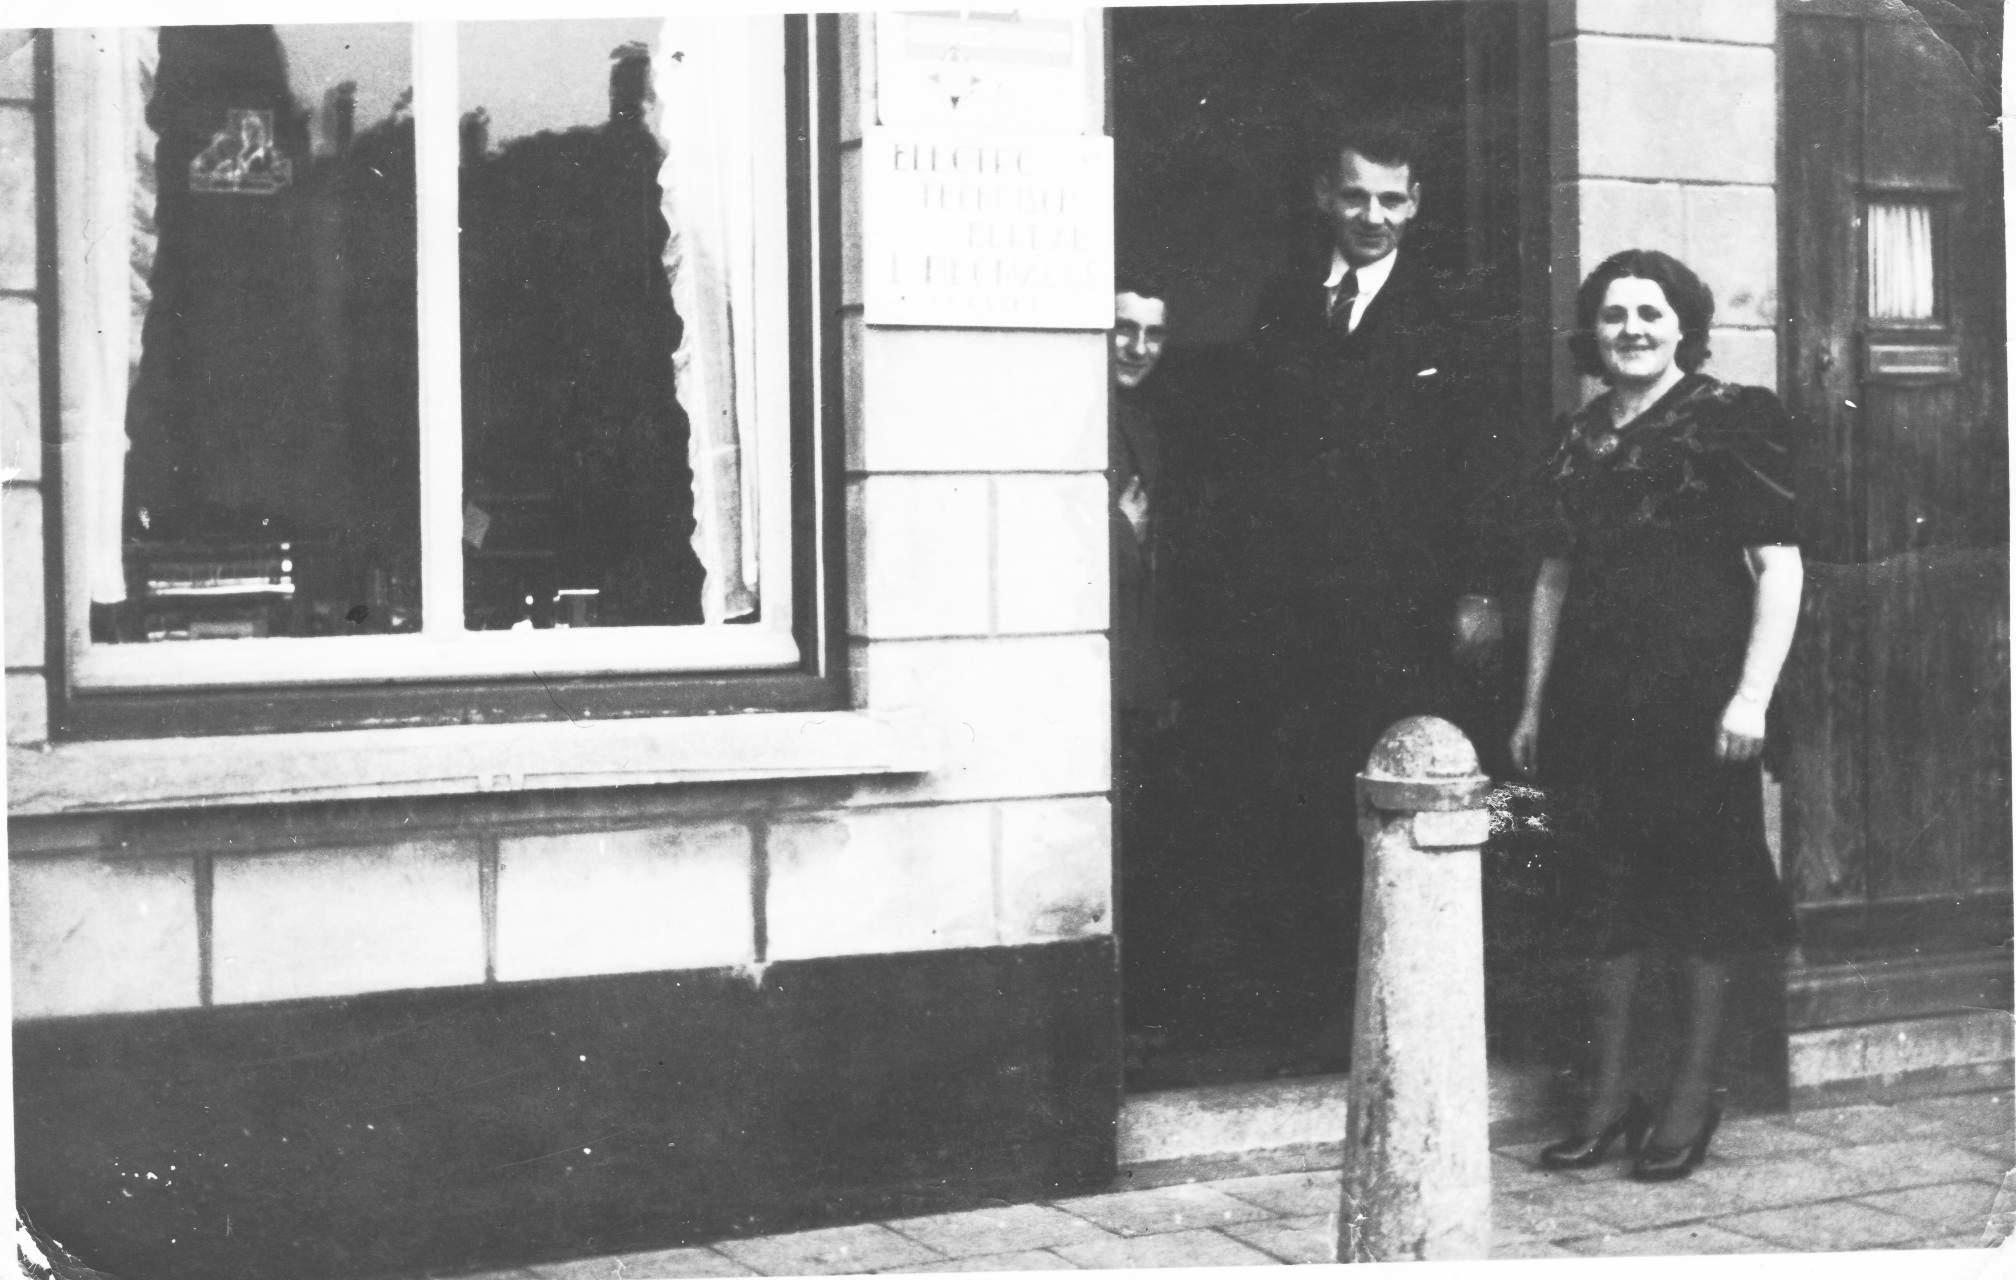 Leo en Jo eind jaren '30 bij hun winkel-woonhuis aan de Markt in Etten-Leur.